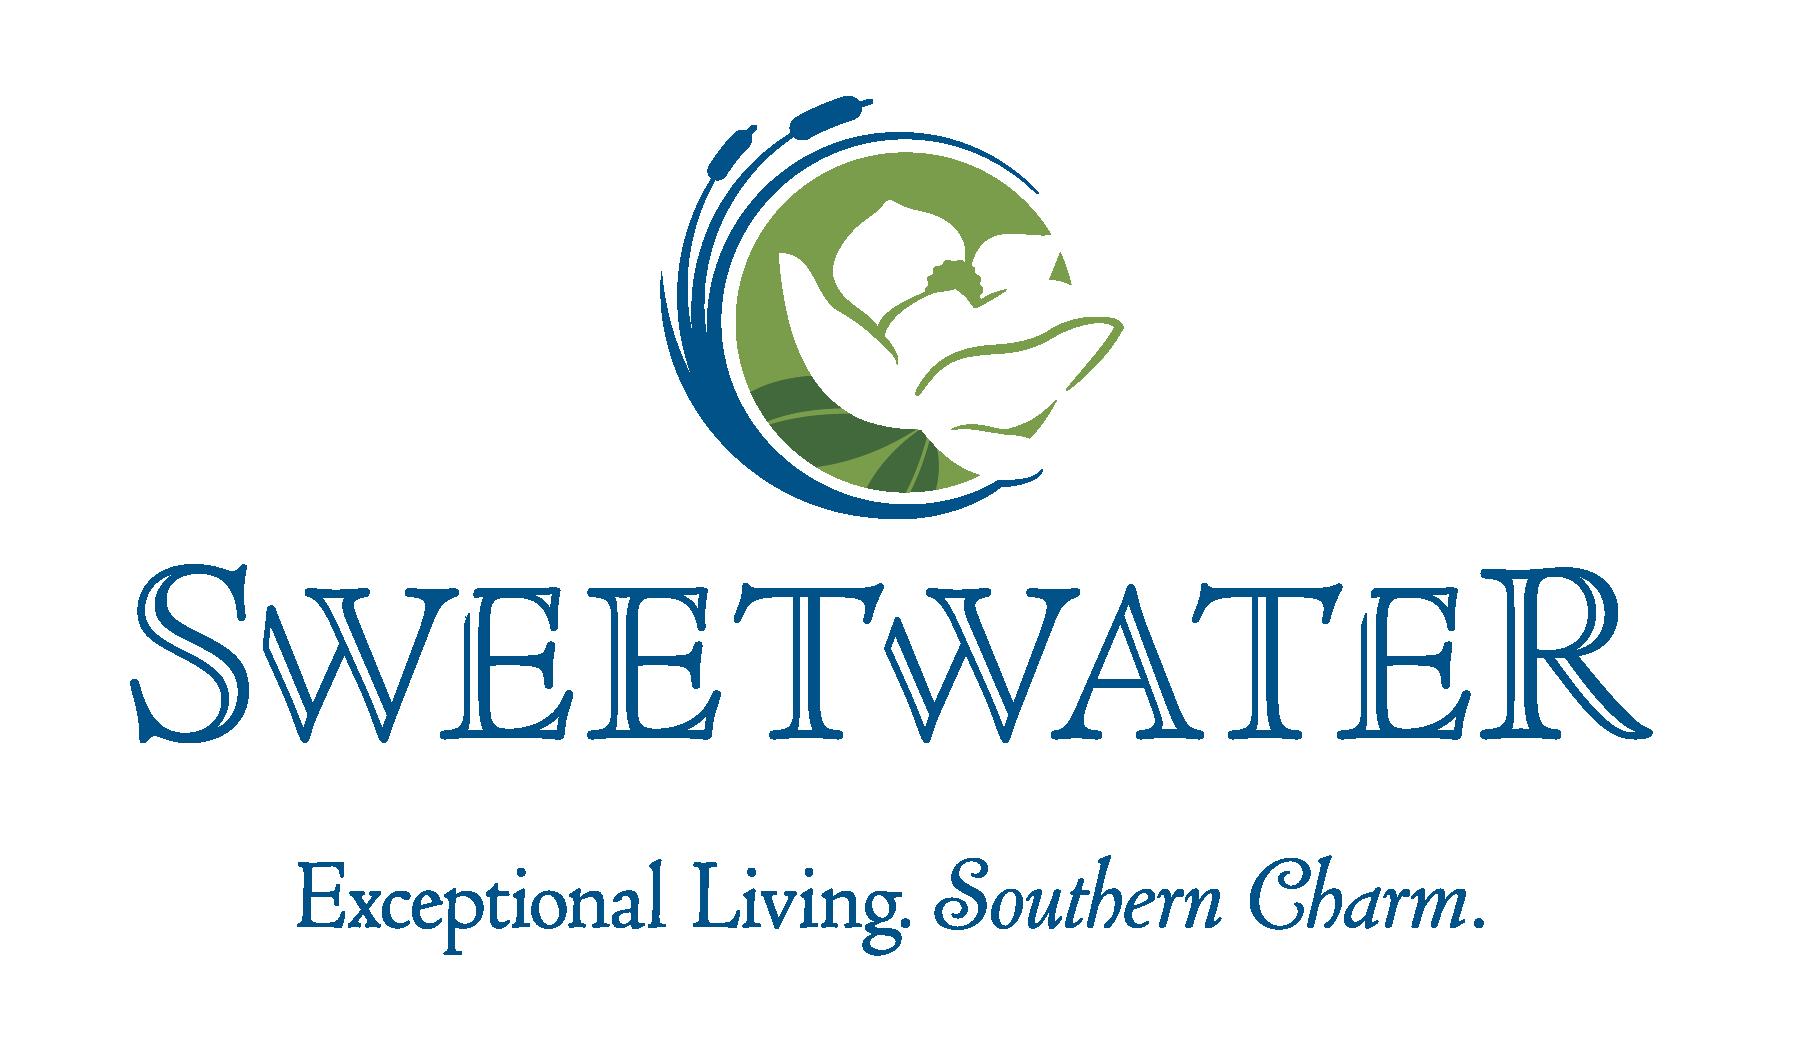 sweetwater_3c_tagline20161109072910